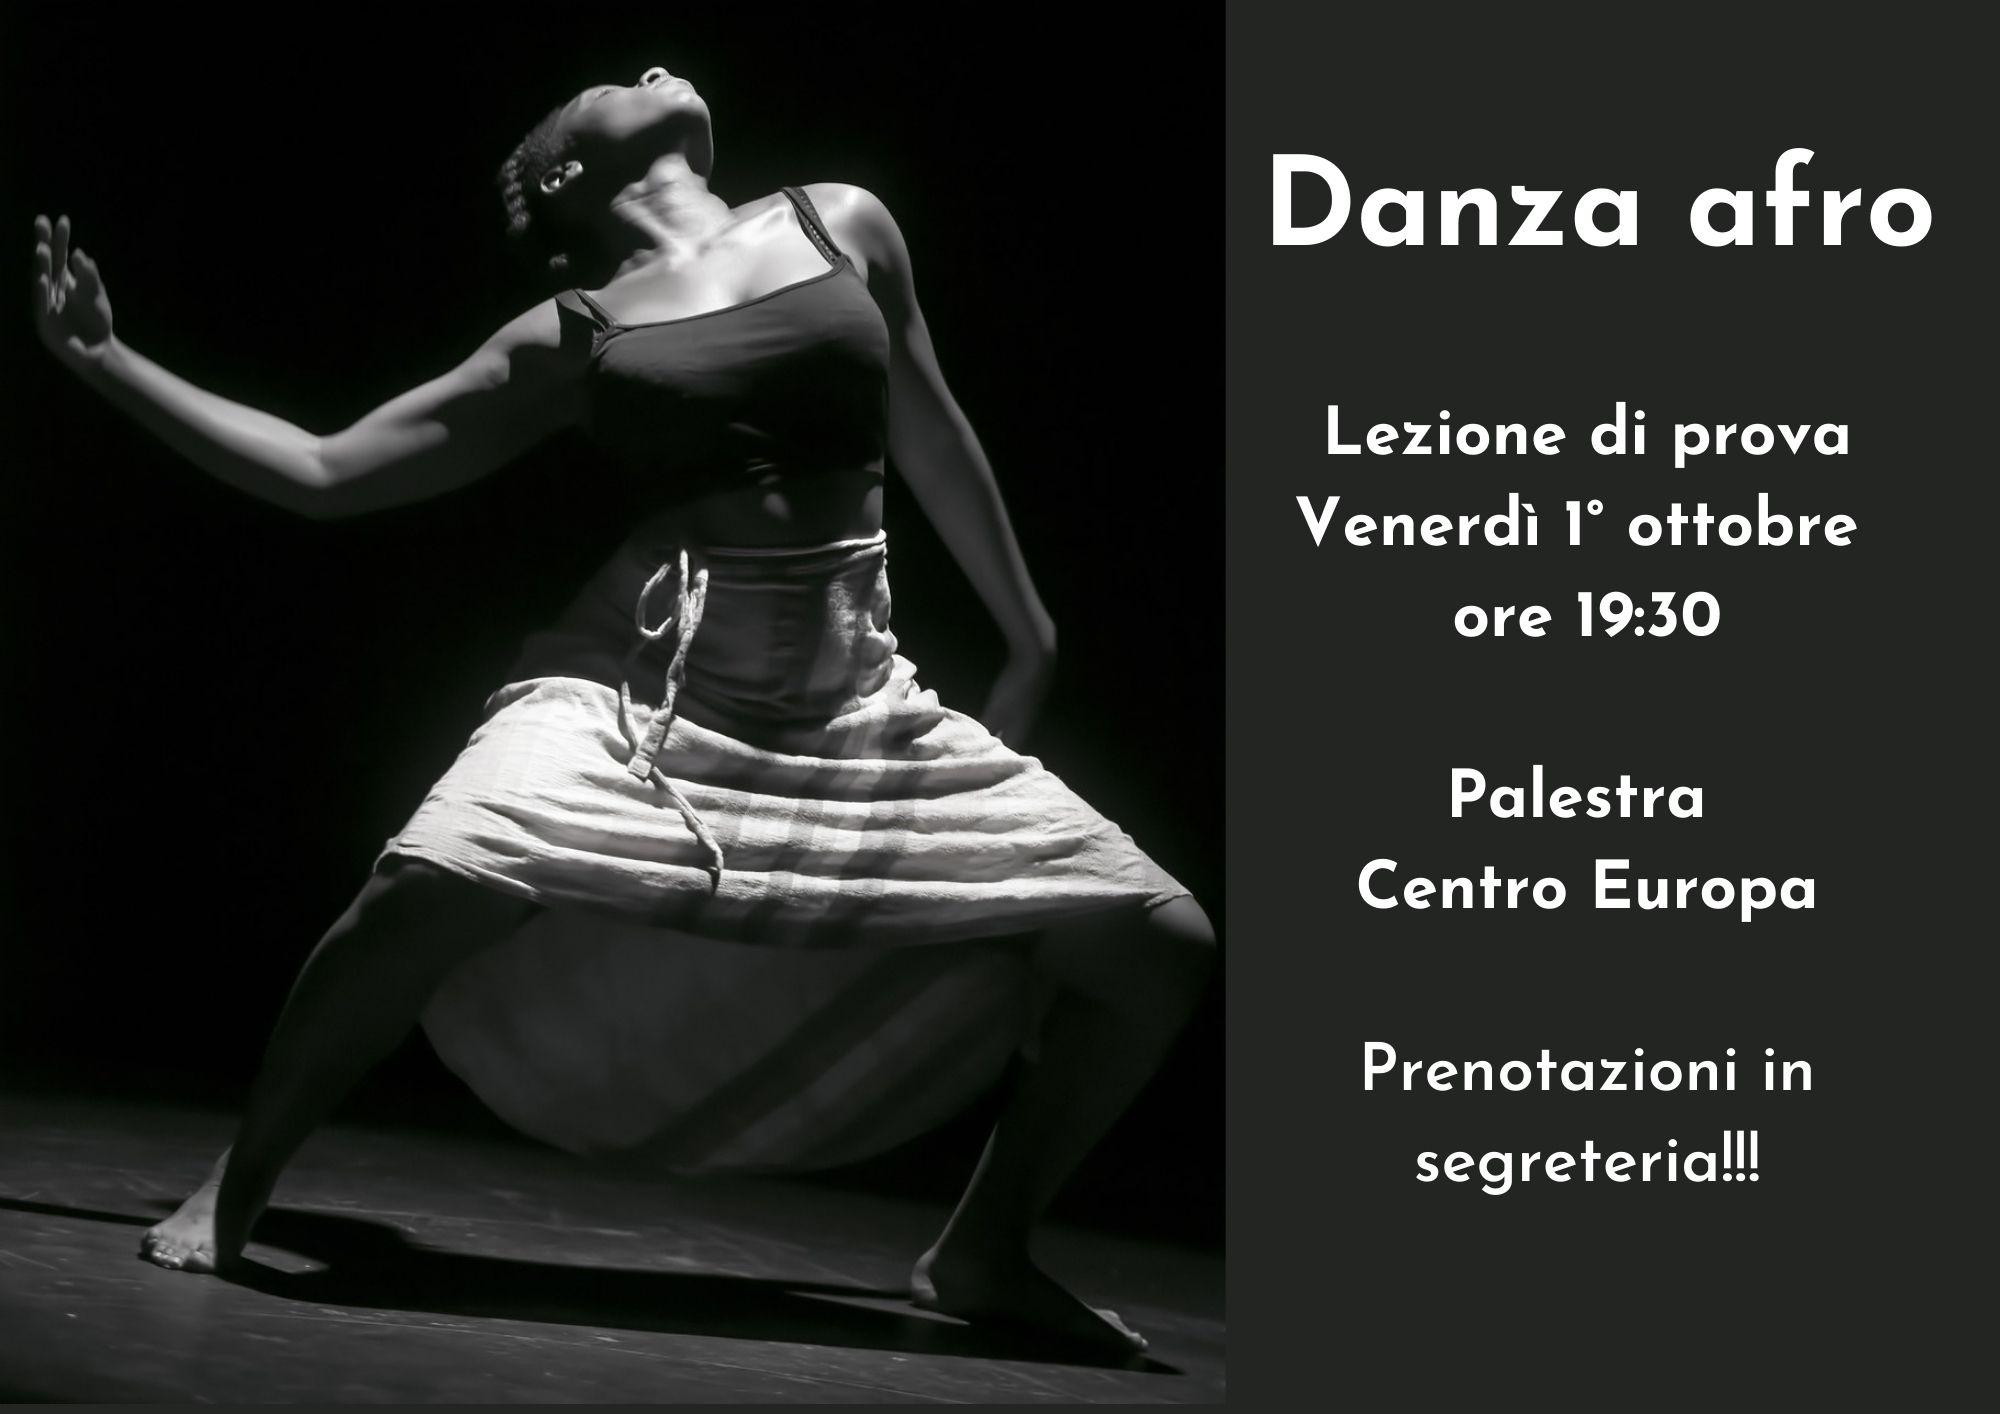 Lezione di prova di danza afro